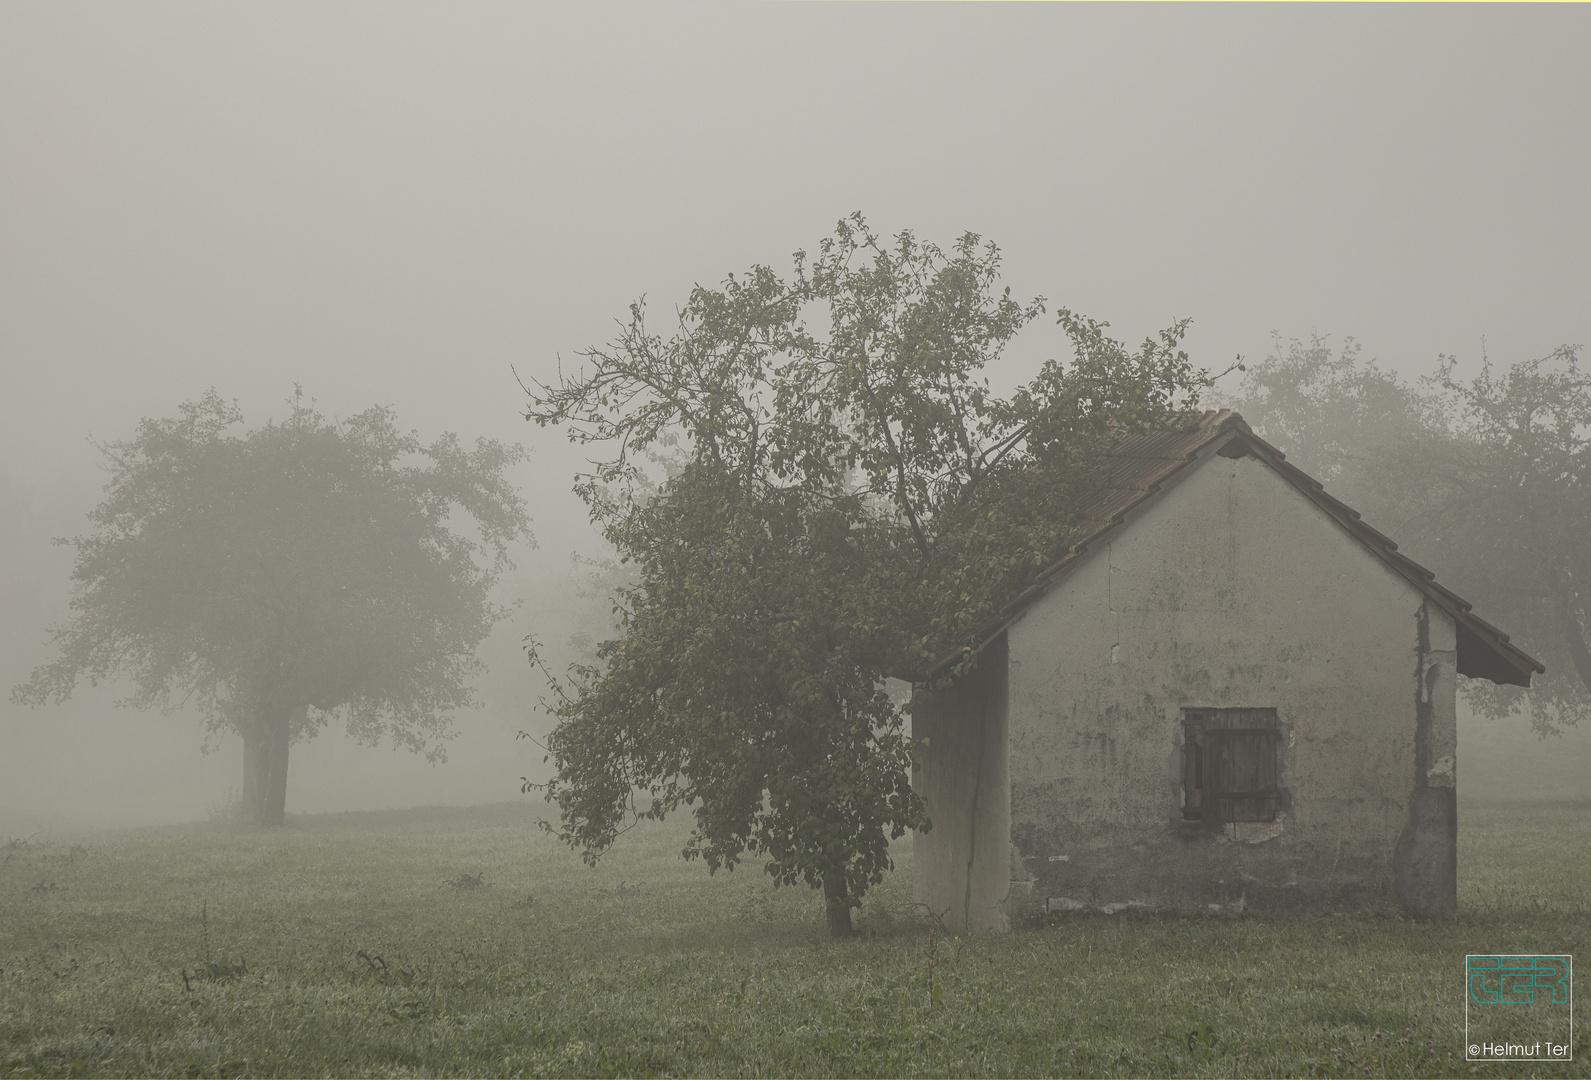 Schafstall im Morgennebel